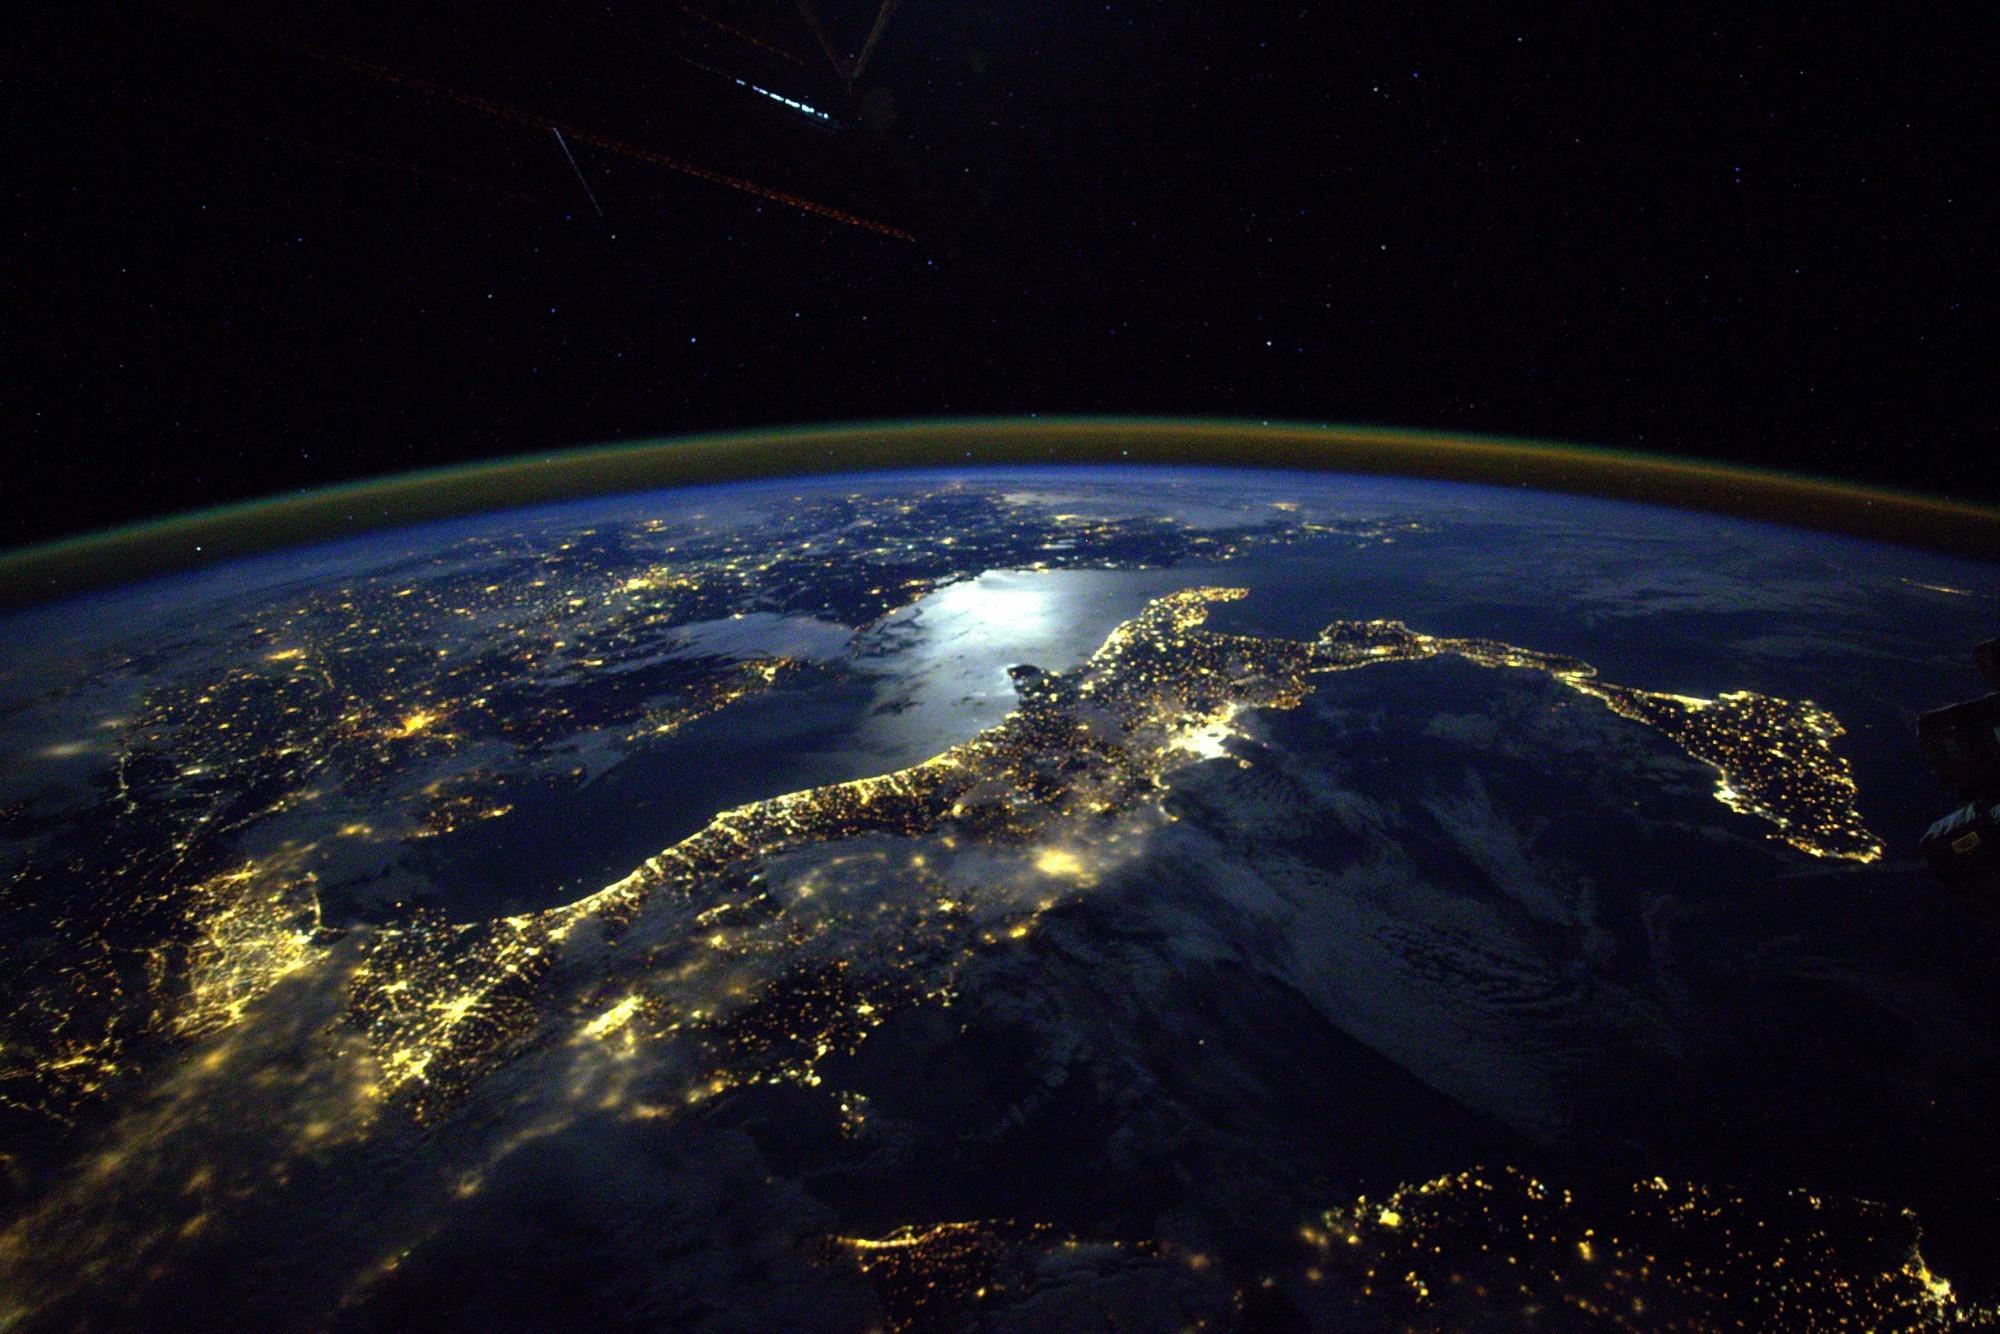 россия из космоса фото высокого разрешения возможно, что они